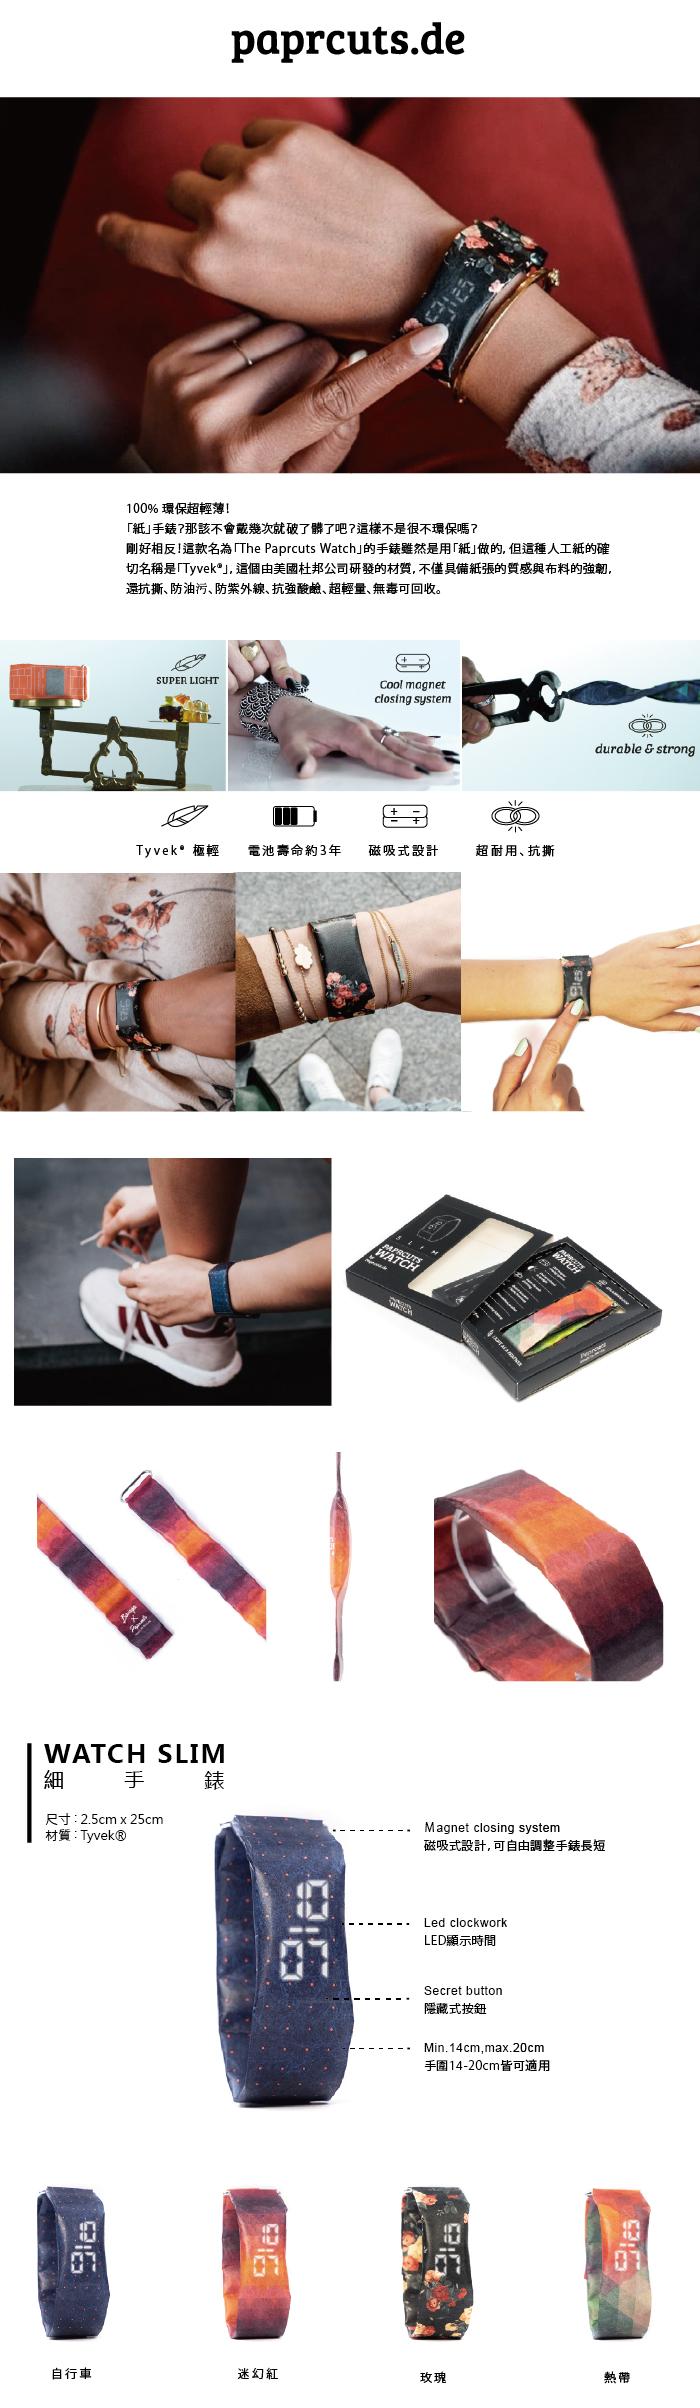 (複製)paprcuts|WATCH 紙手錶